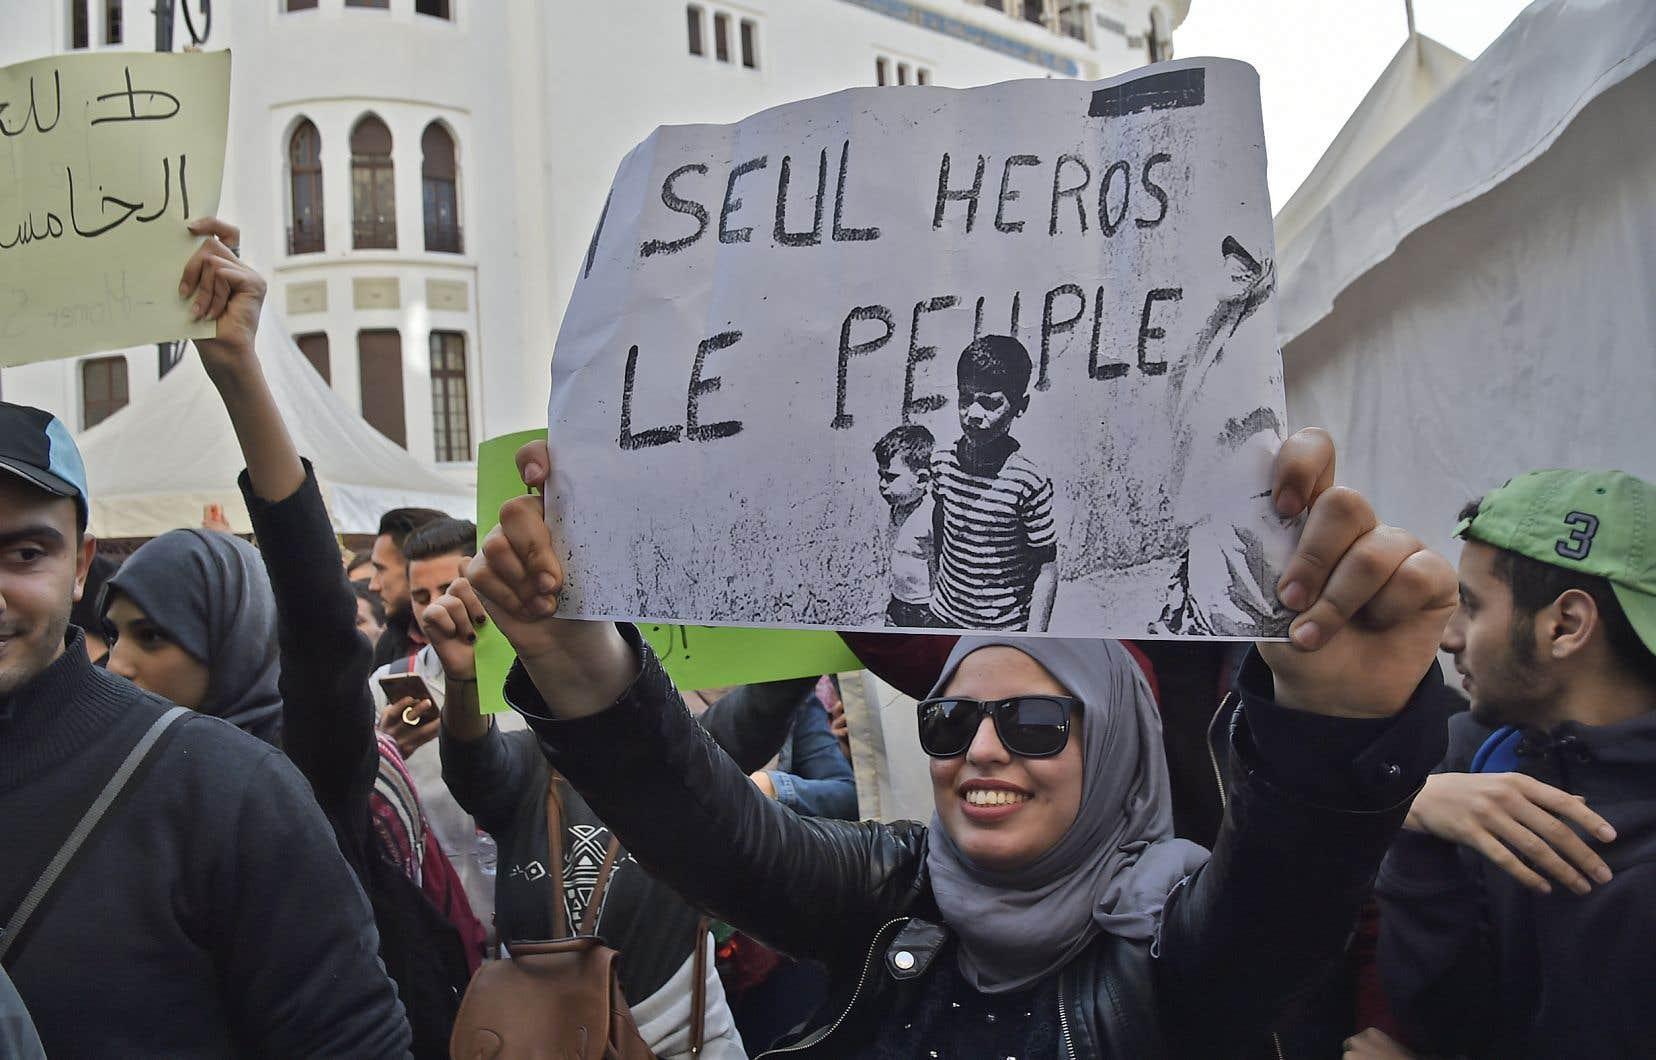 En Algérie, l'attitude apaisée de la police face aux manifestants tranche avec les répressions exercées ailleurs dans la région lors des soulèvements populaires.